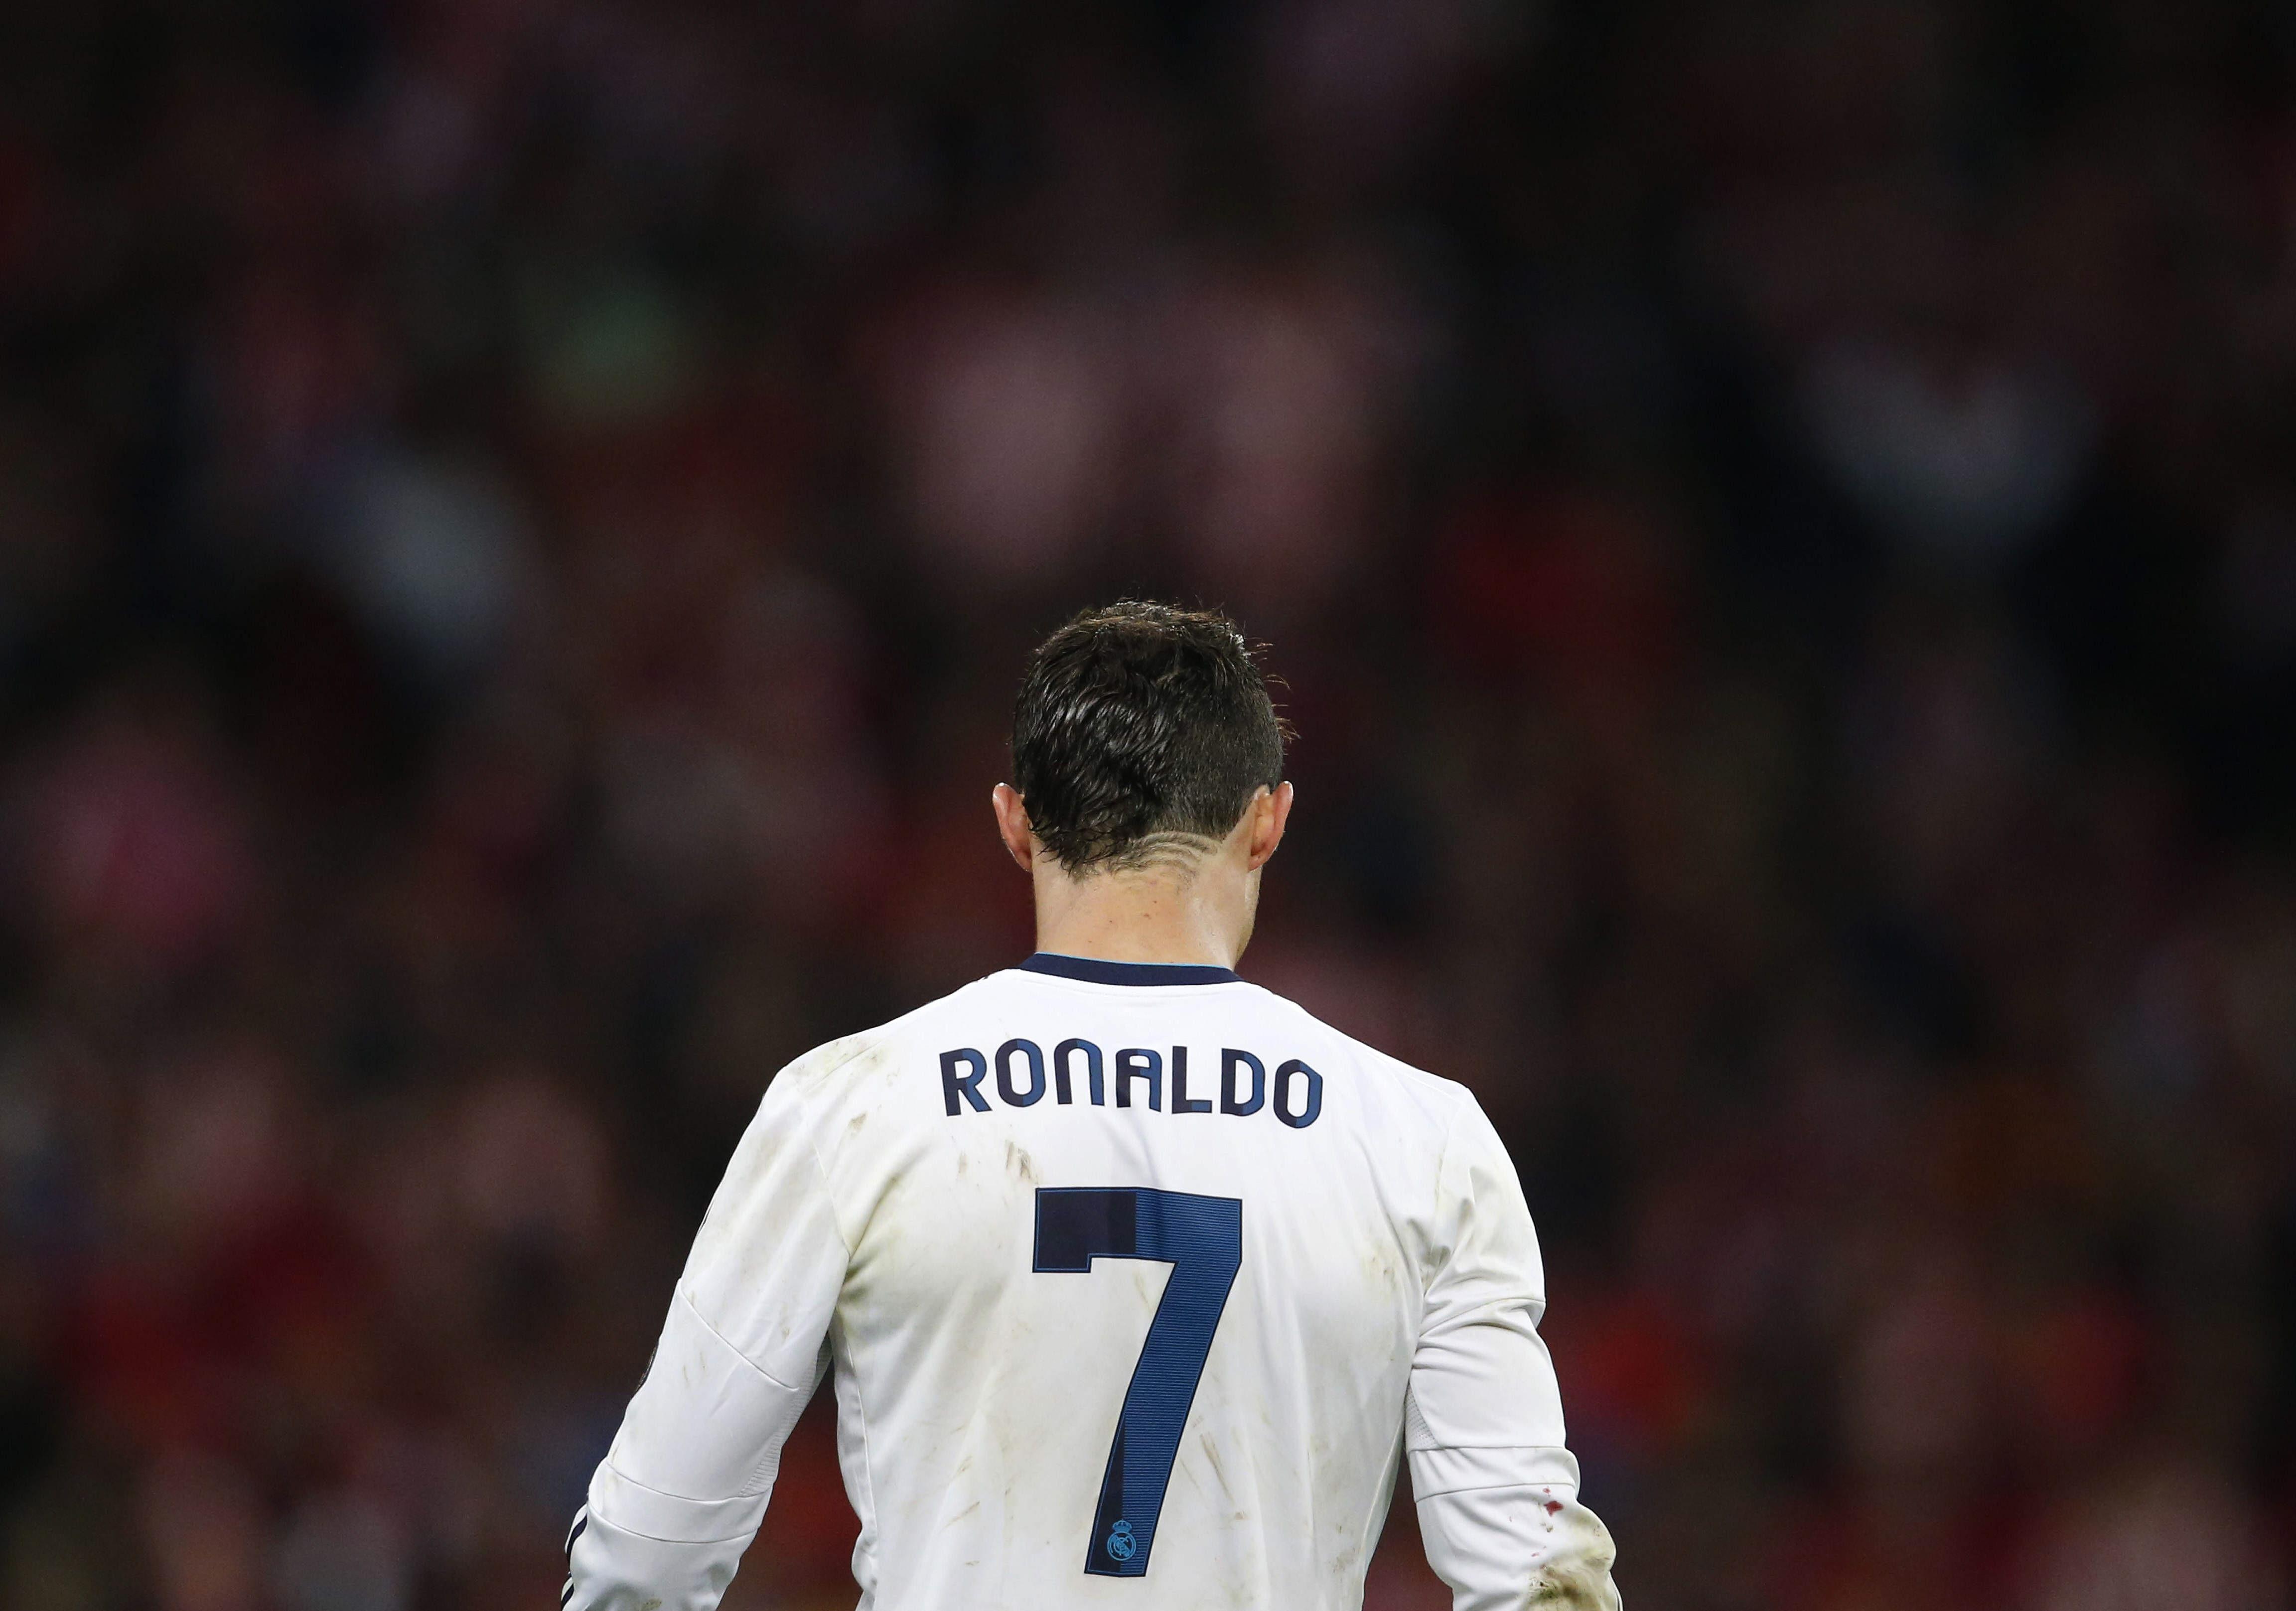 La tienda del Real Madrid es la más rentable del mundo